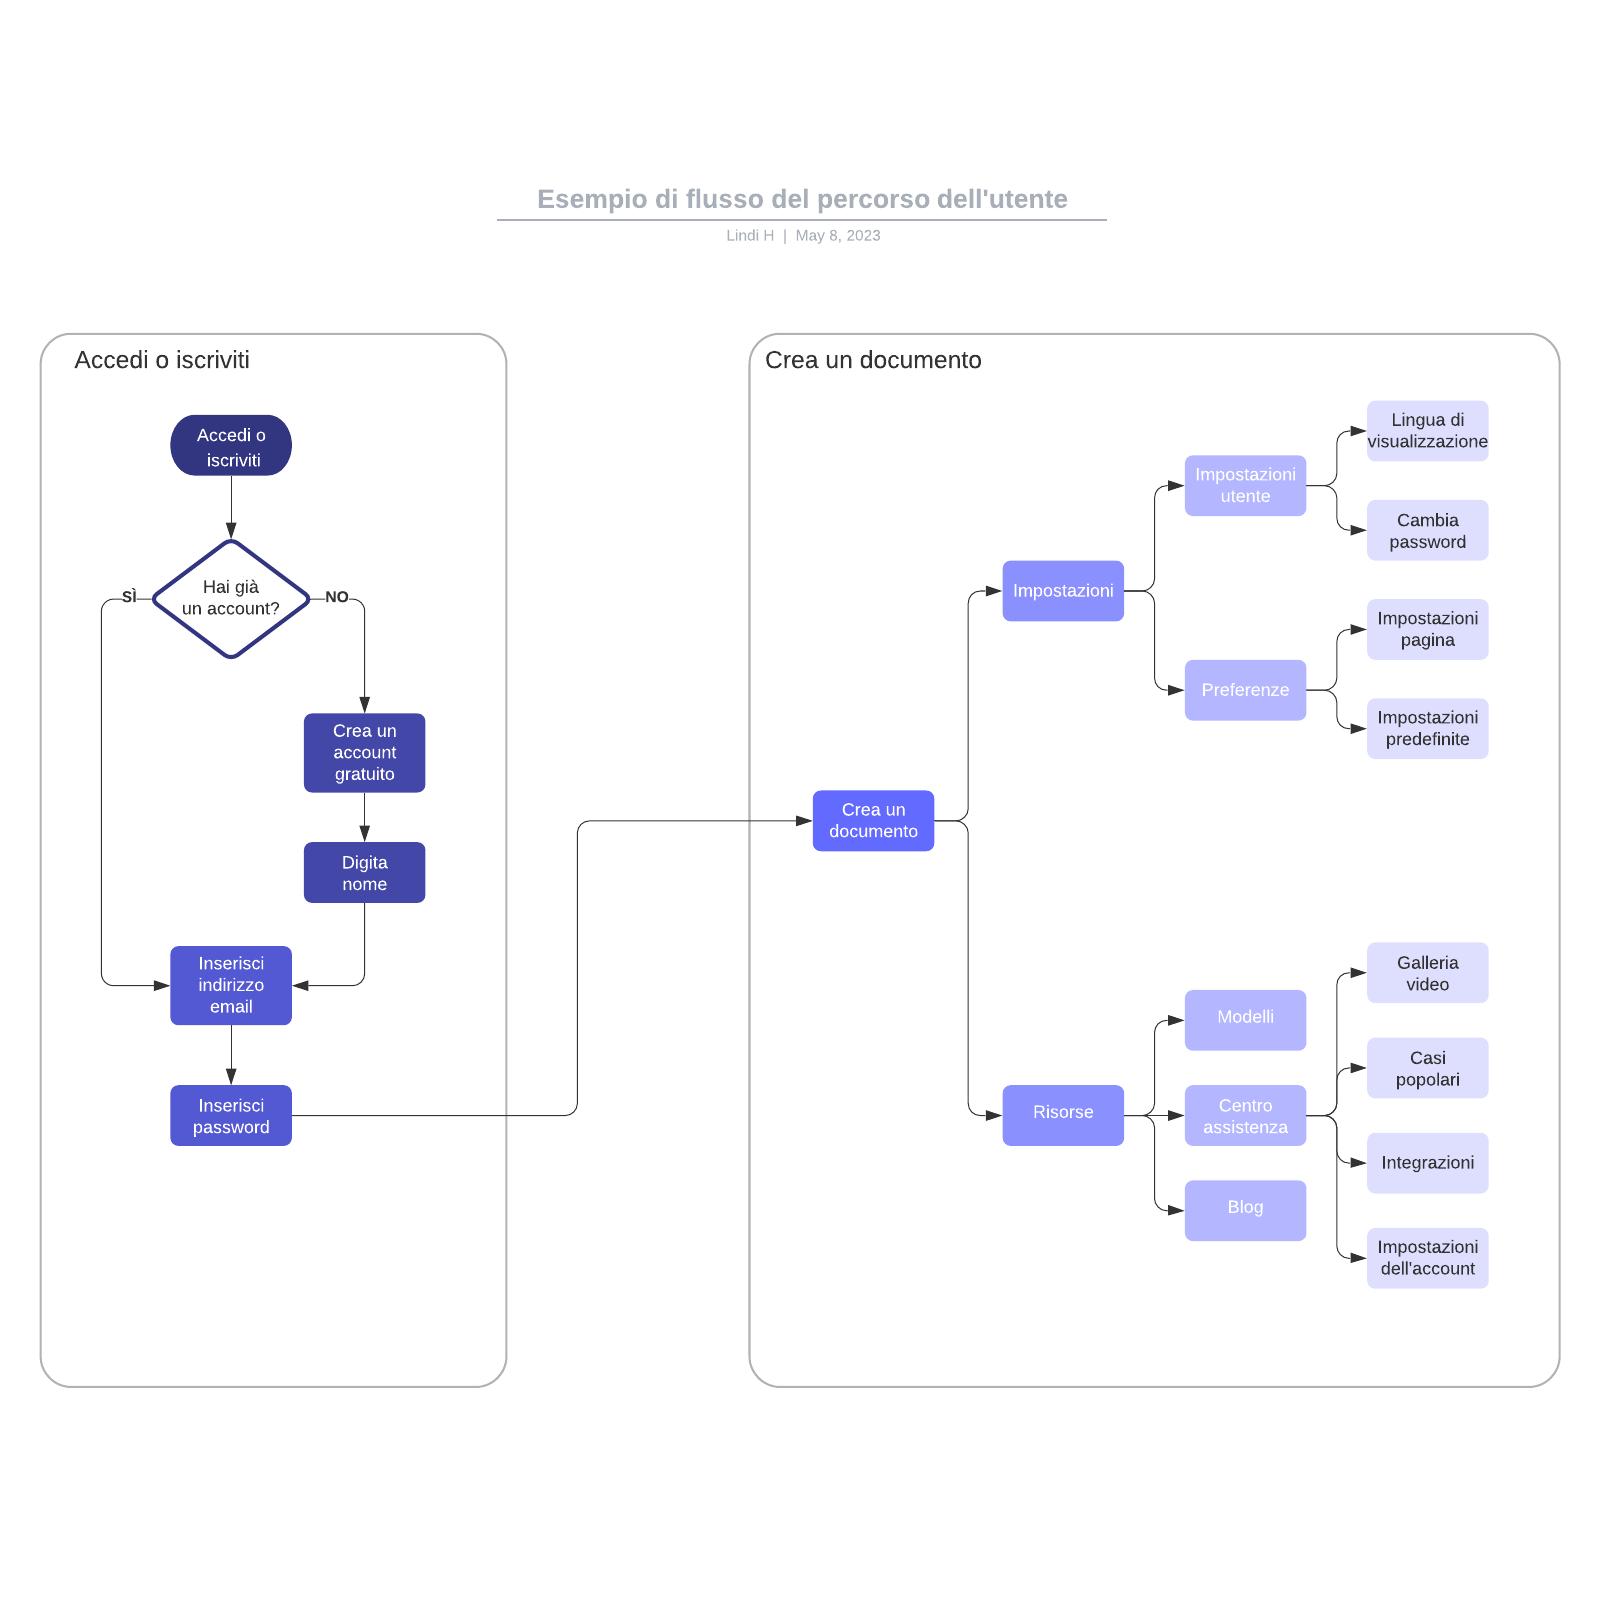 Esempio di flusso del percorso dell'utente